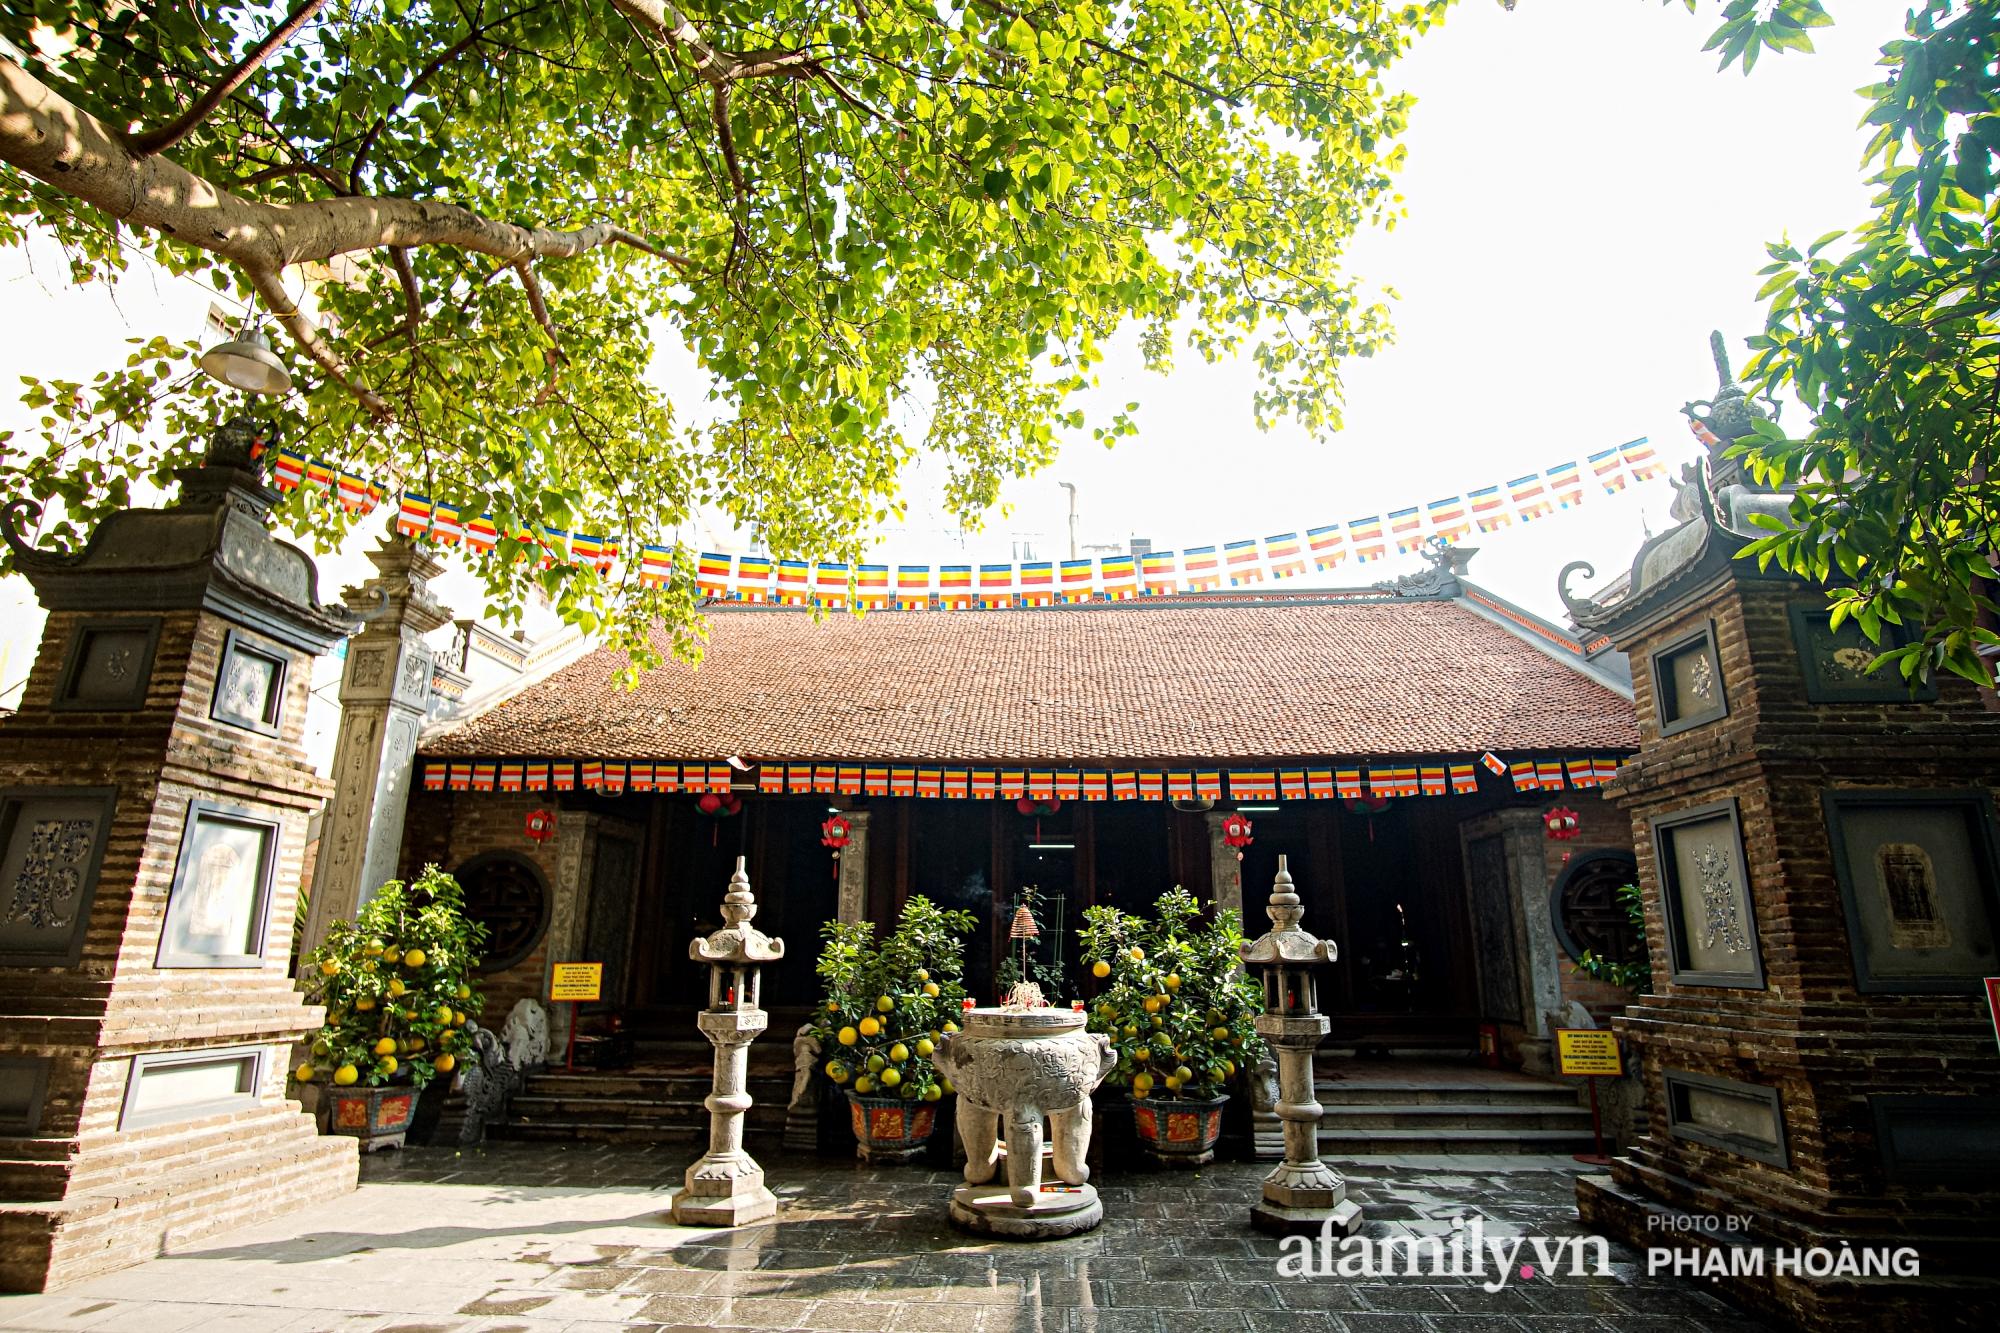 Mùng 1 đầu năm ghé thăm chùa Bà Đá: Chốn linh thiêng cổ xưa ngàn năm tuổi, giấu mình giữa phố cổ phồn hoa - Ảnh 3.